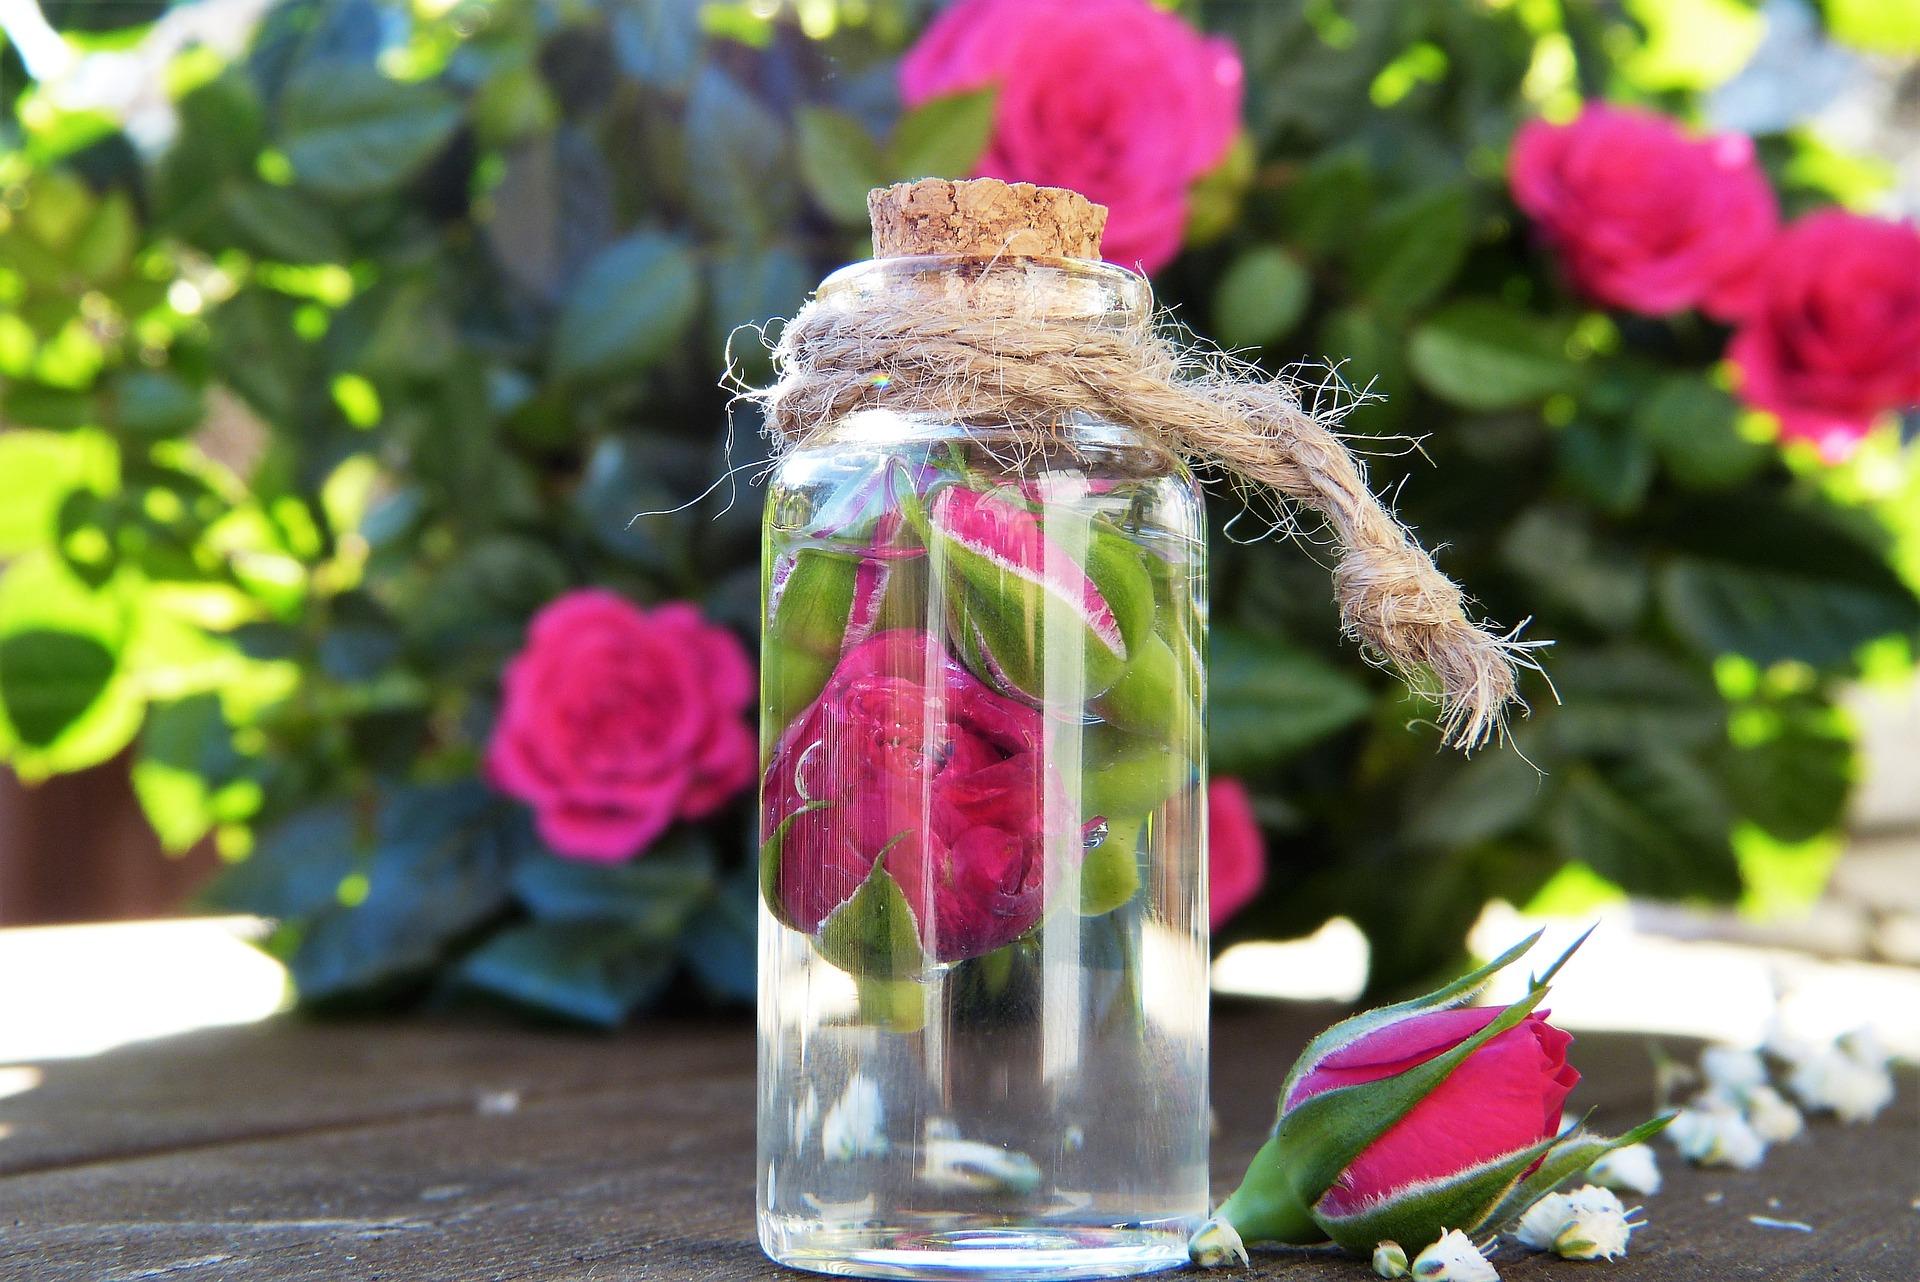 Natürliches Rosengesichtswasser kann man auch selber machen. Foto: Silvia Rita